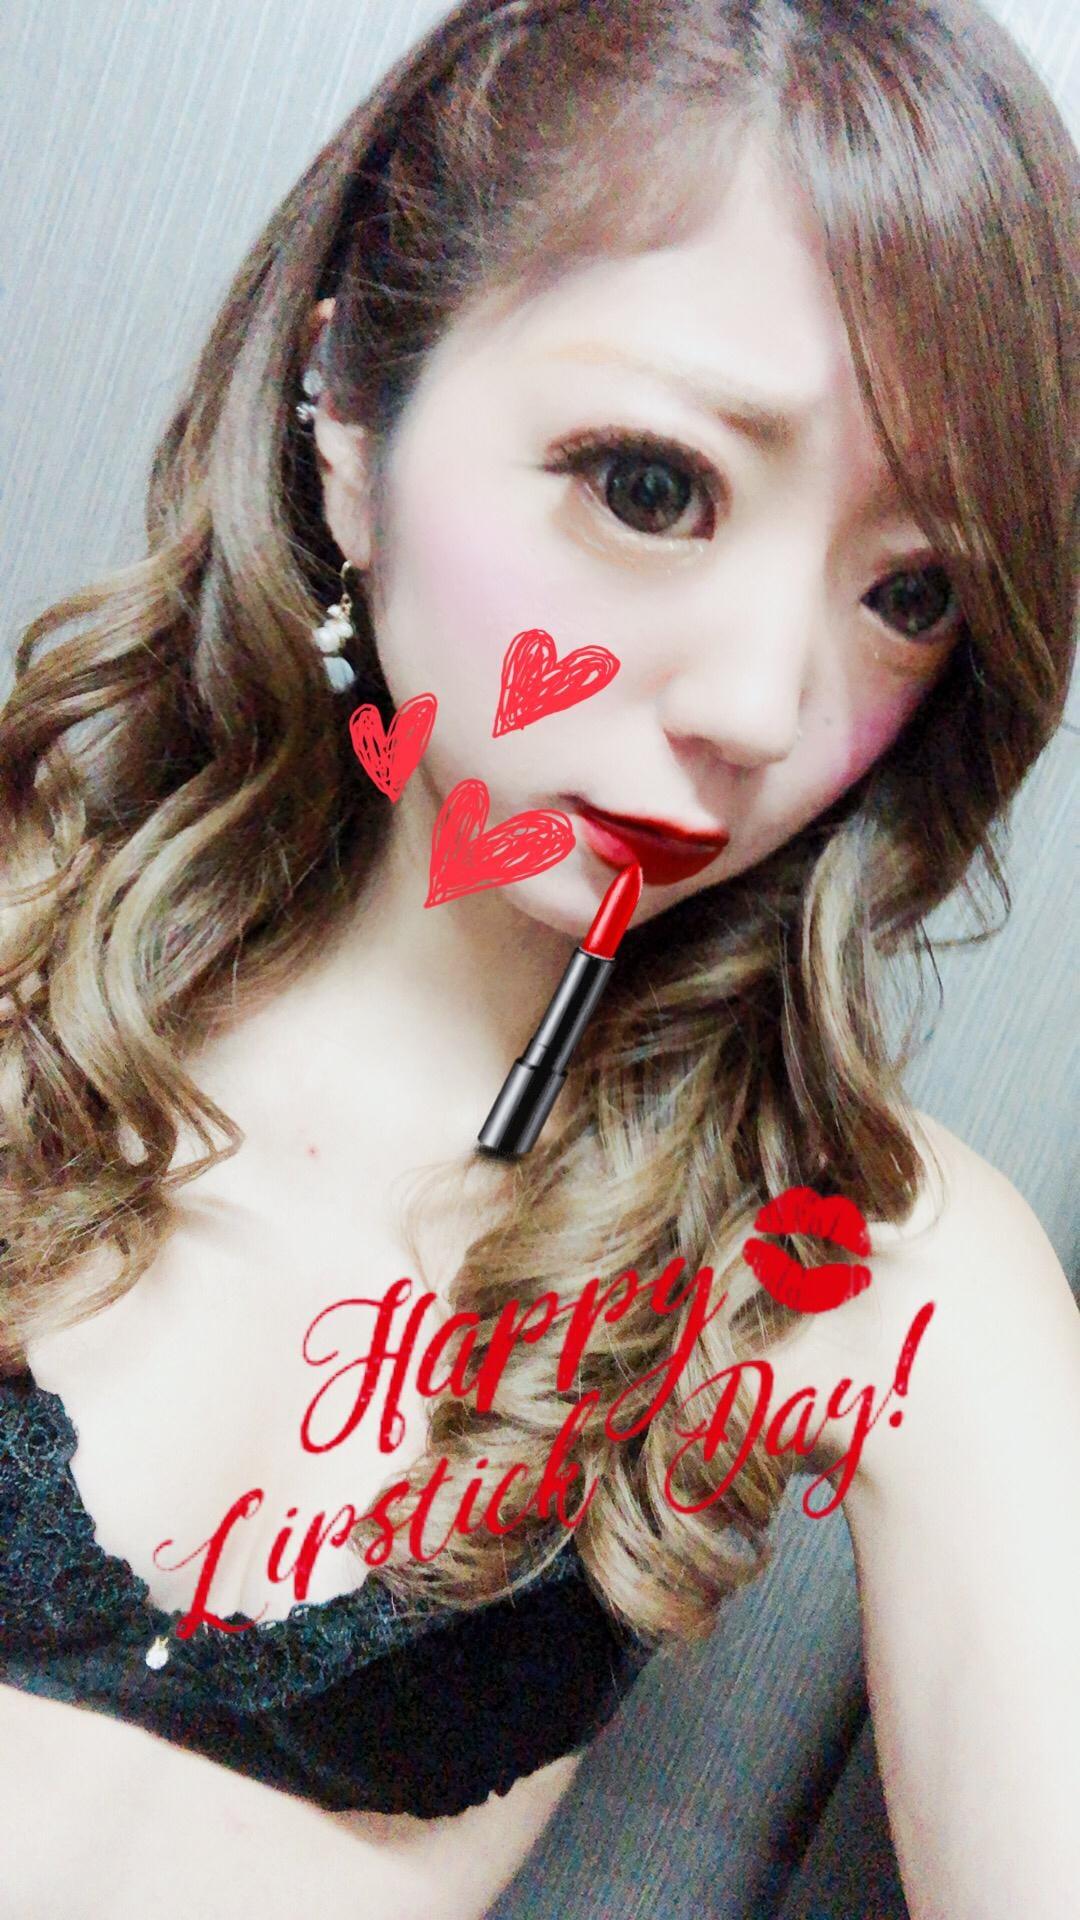 「☆南 らむ☆」02/11(02/11) 17:04 | 南らむの写メ・風俗動画